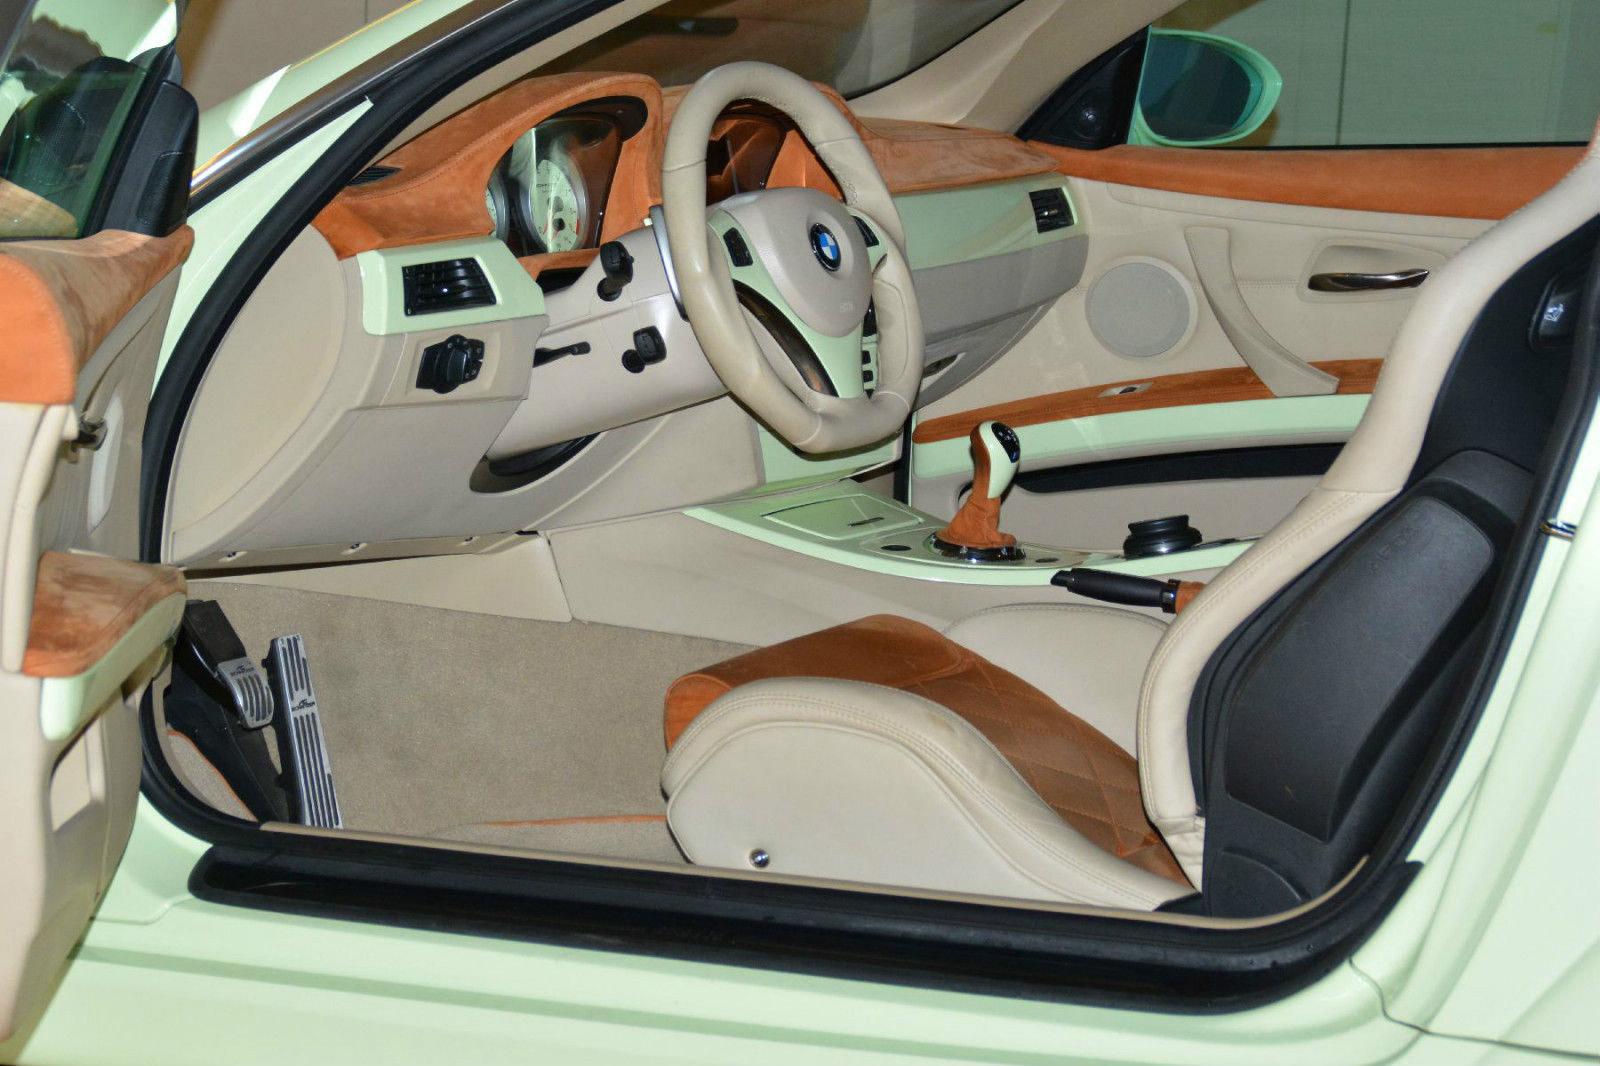 АС Шнитцер ГП 3.10 основанный на BMW Е92 335i - выставлен на продажу - фотография №10